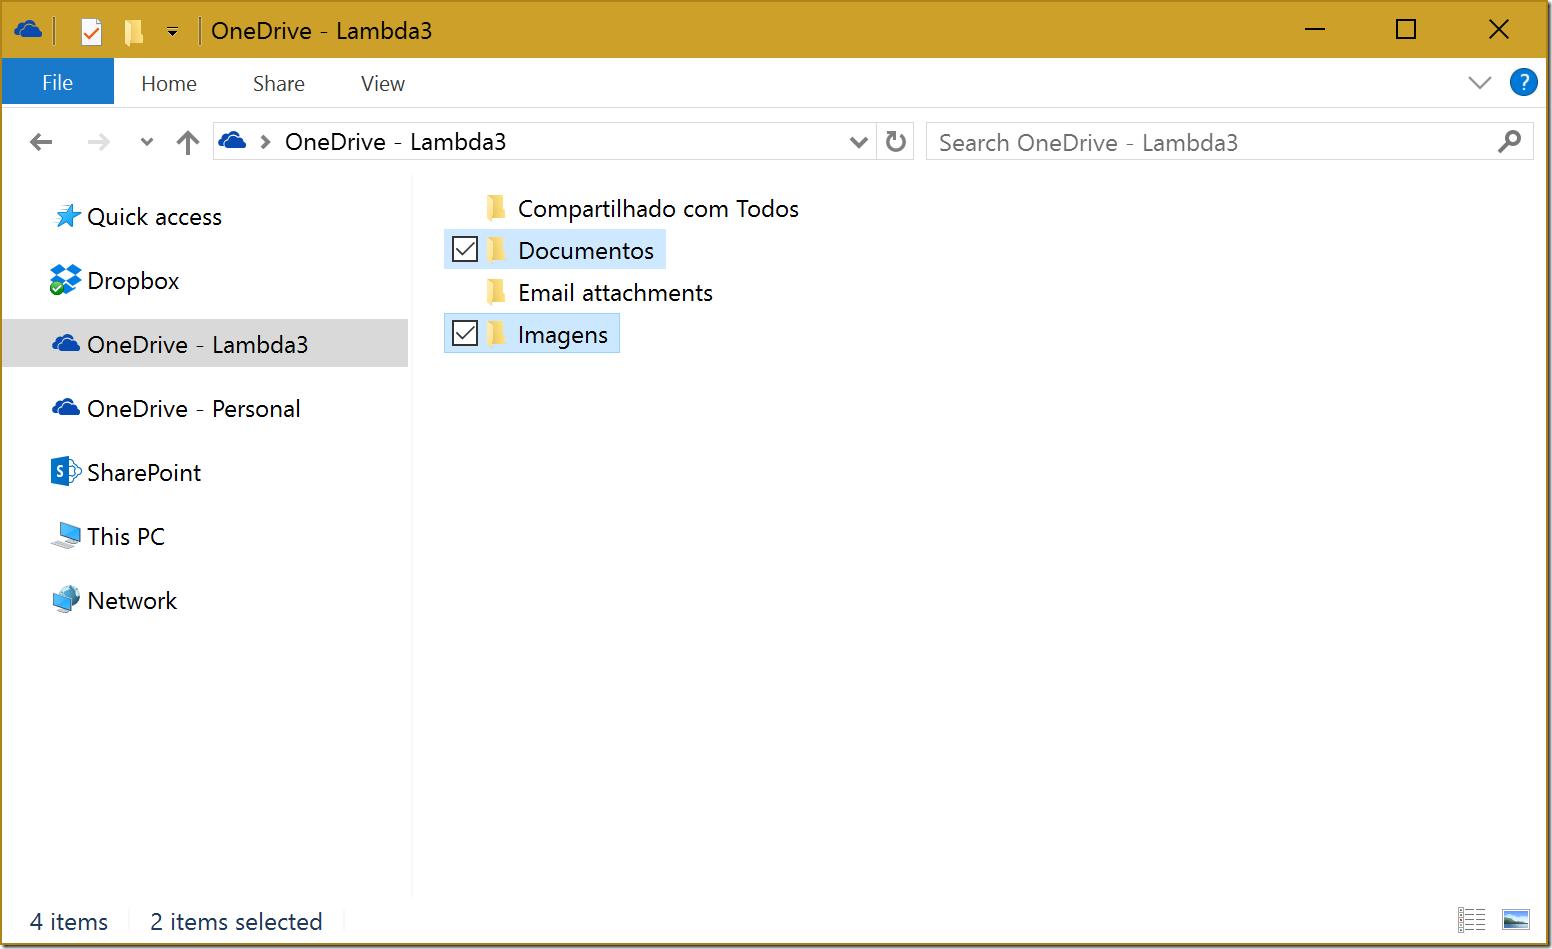 OneDrive for Business com dois novos subdiretórios, Documentos e Imagens, onde iremos sincronizar nossos arquivos